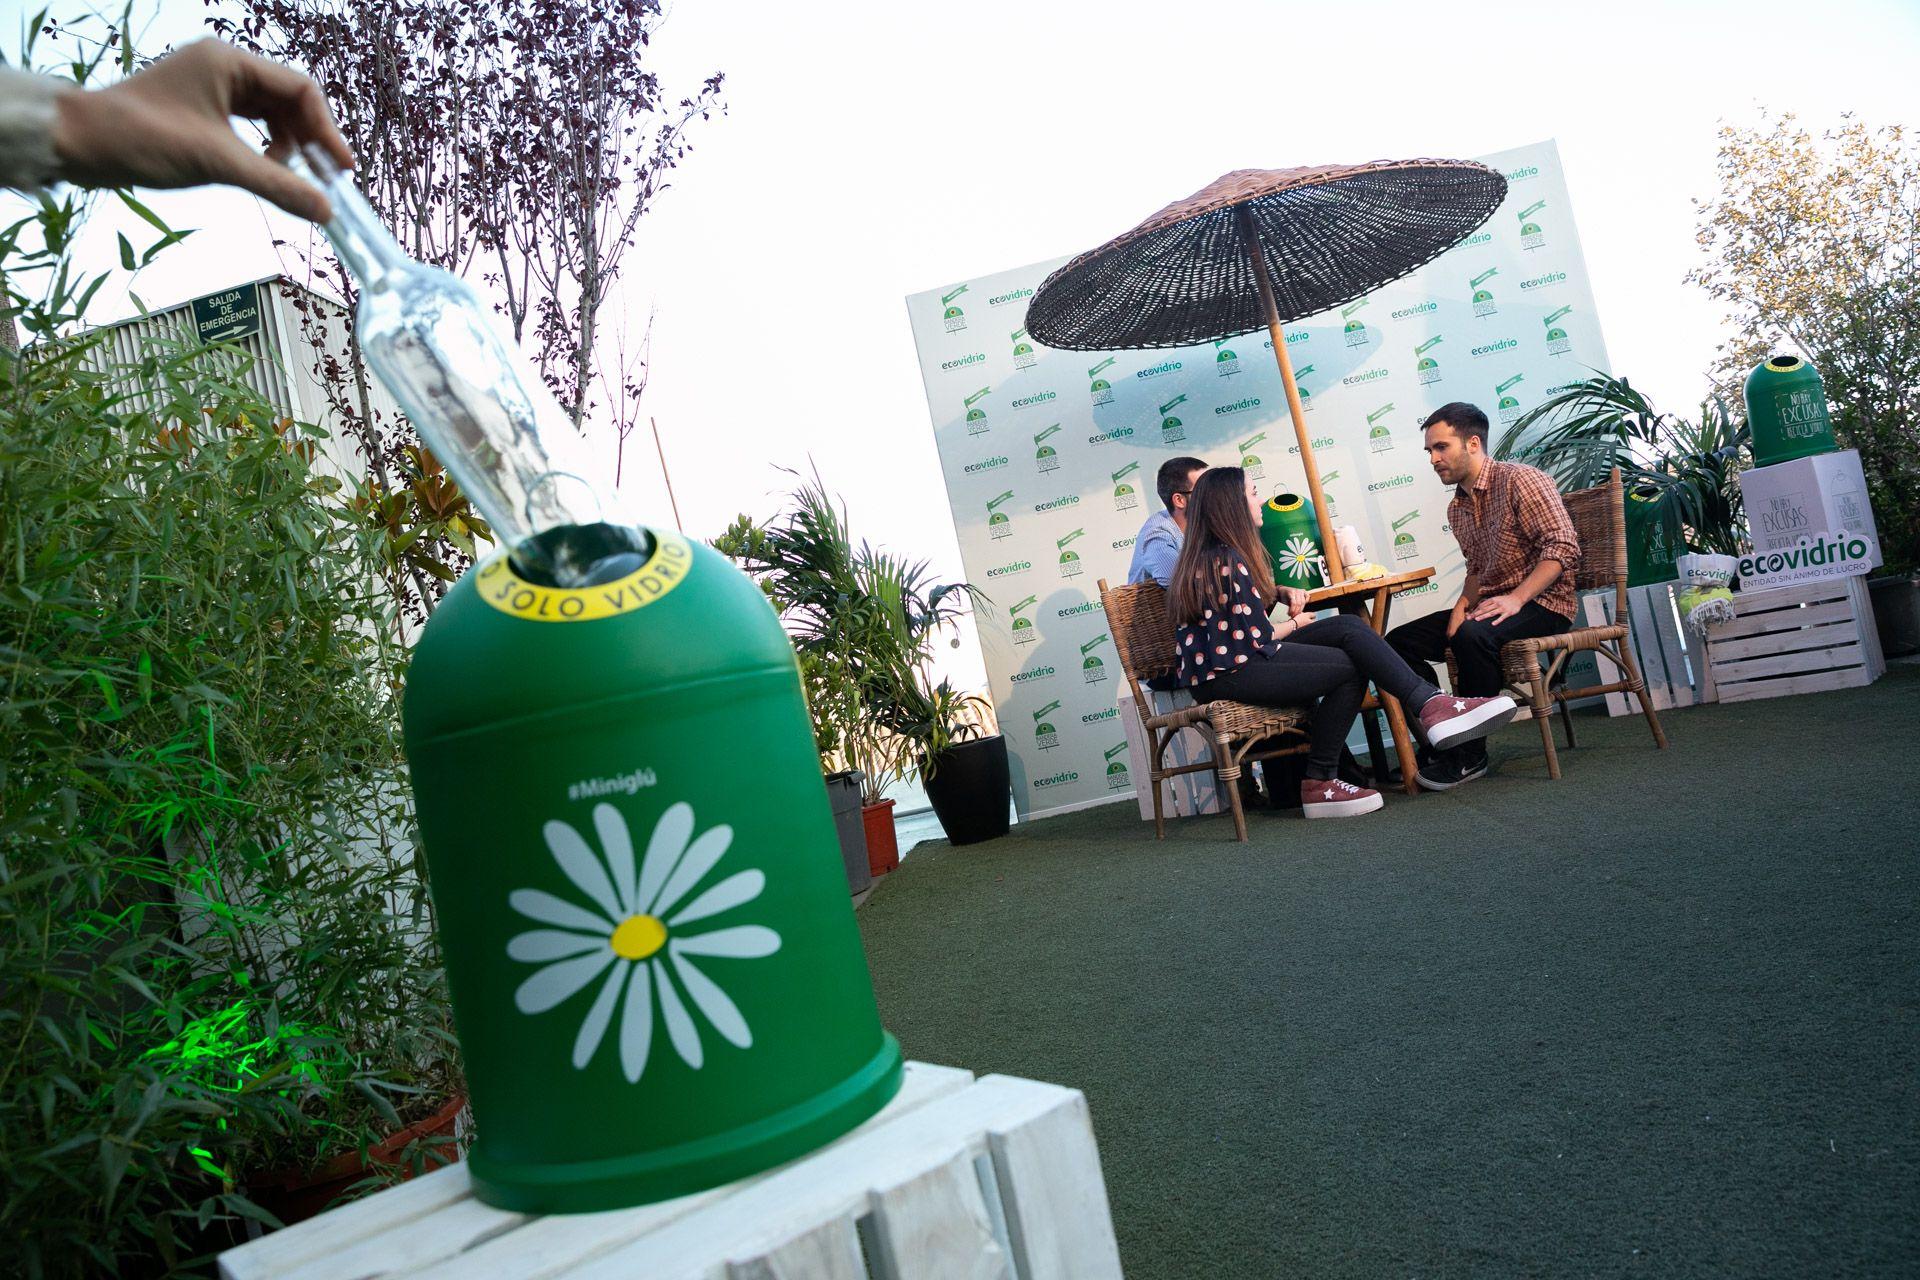 campaña de reciclaje con ricardo gomez